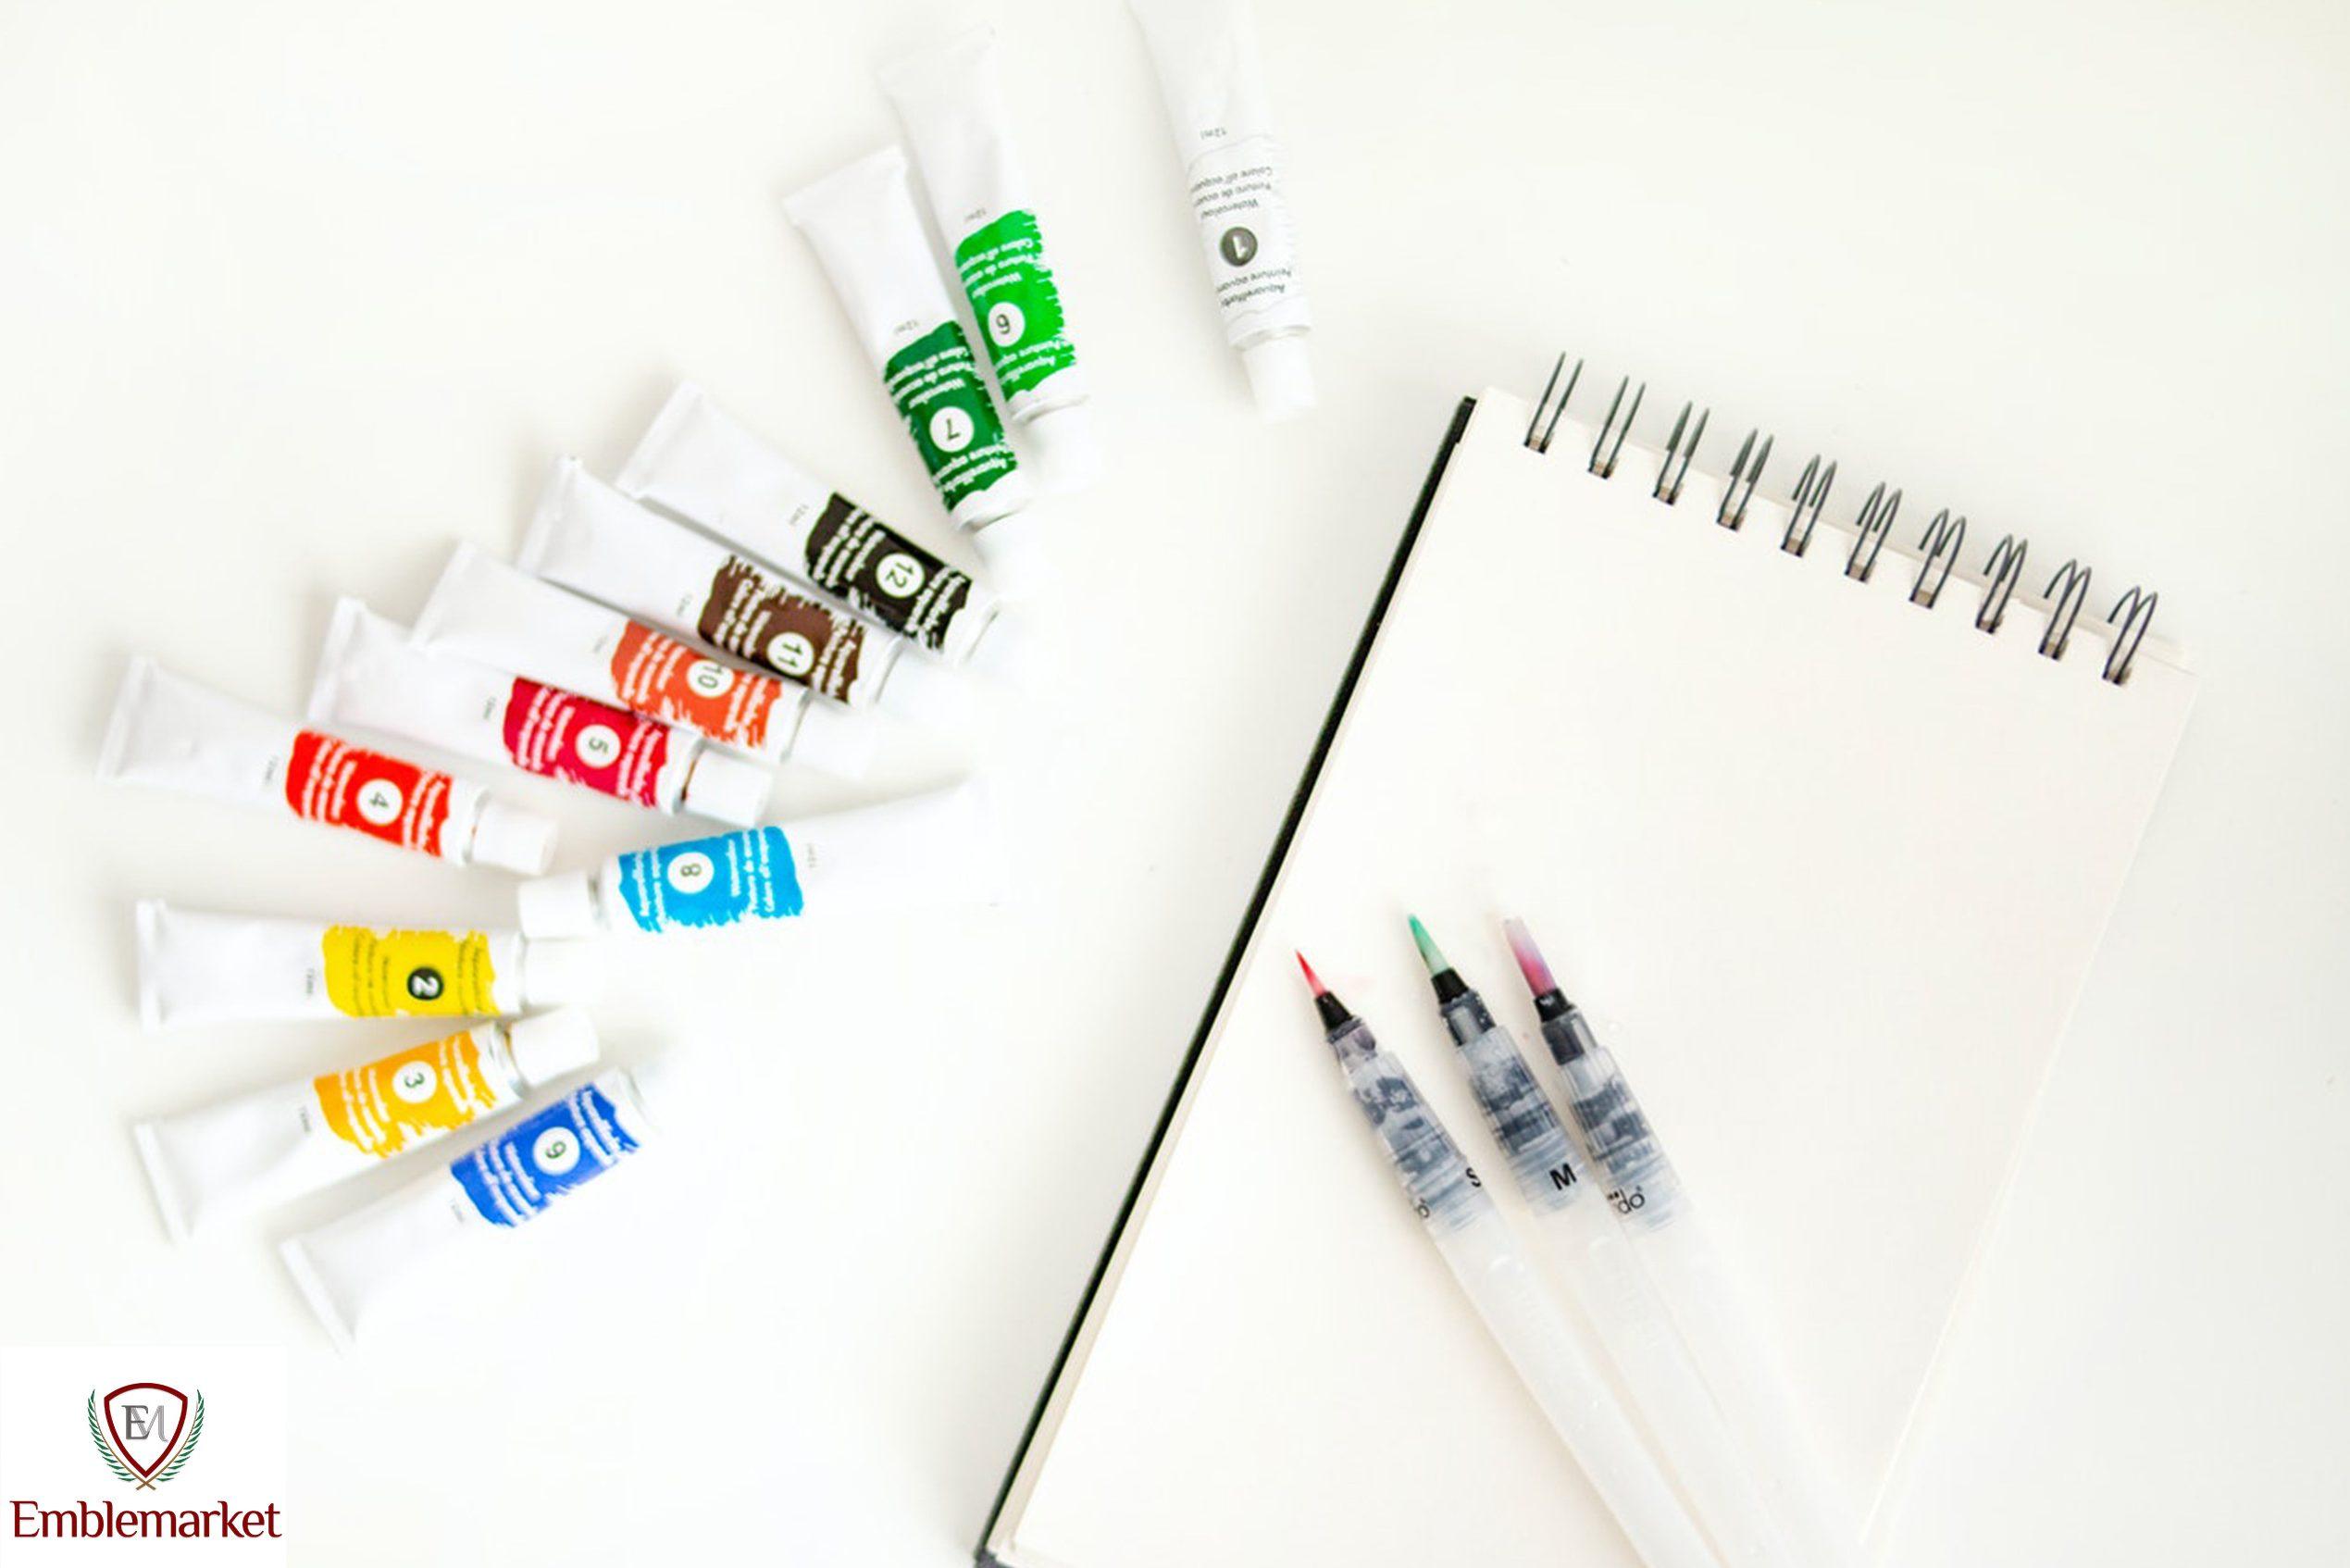 02-Tendencias en branding que hay que tener en cuenta